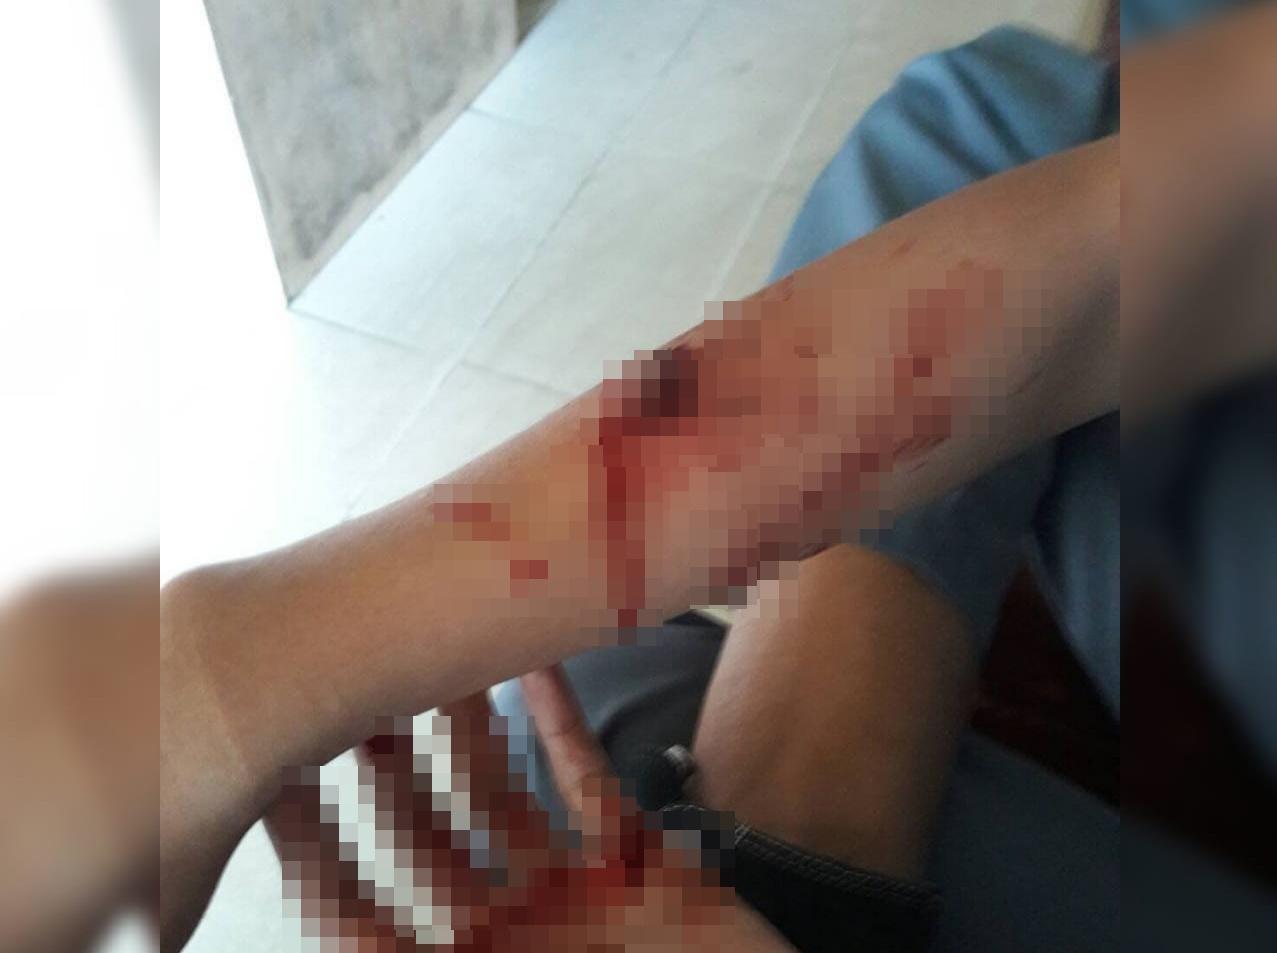 Salah seorang pelajar, MZ yang menjadi korban lemparan senjata tajam dari sekumpulan pelajar di kawasan Damar, Kota Padang, Jumat 20 Juli 2018. Foto : Istimewa